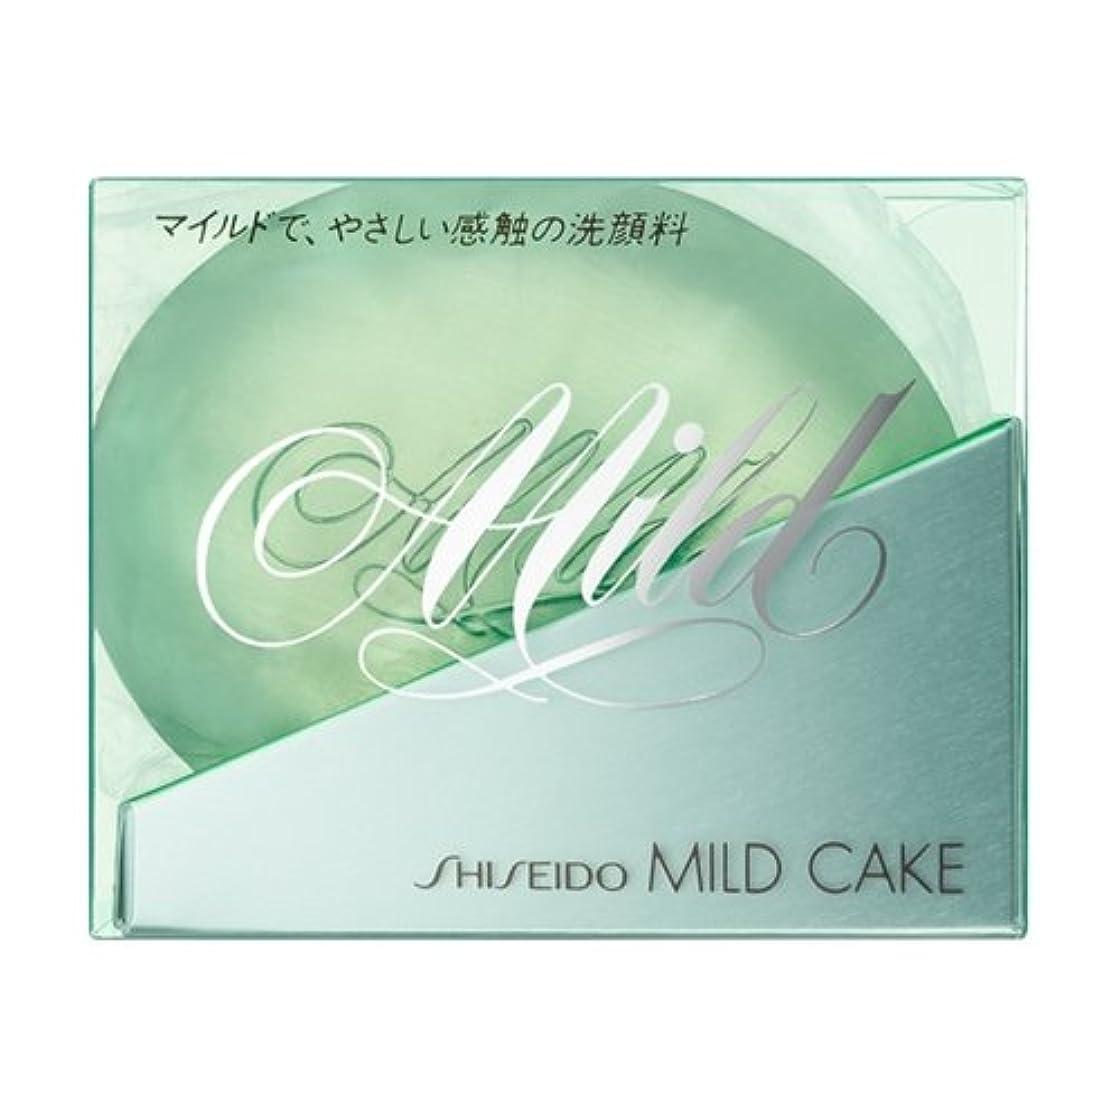 ヒステリック写真撮影儀式資生堂 マイルドケーキ